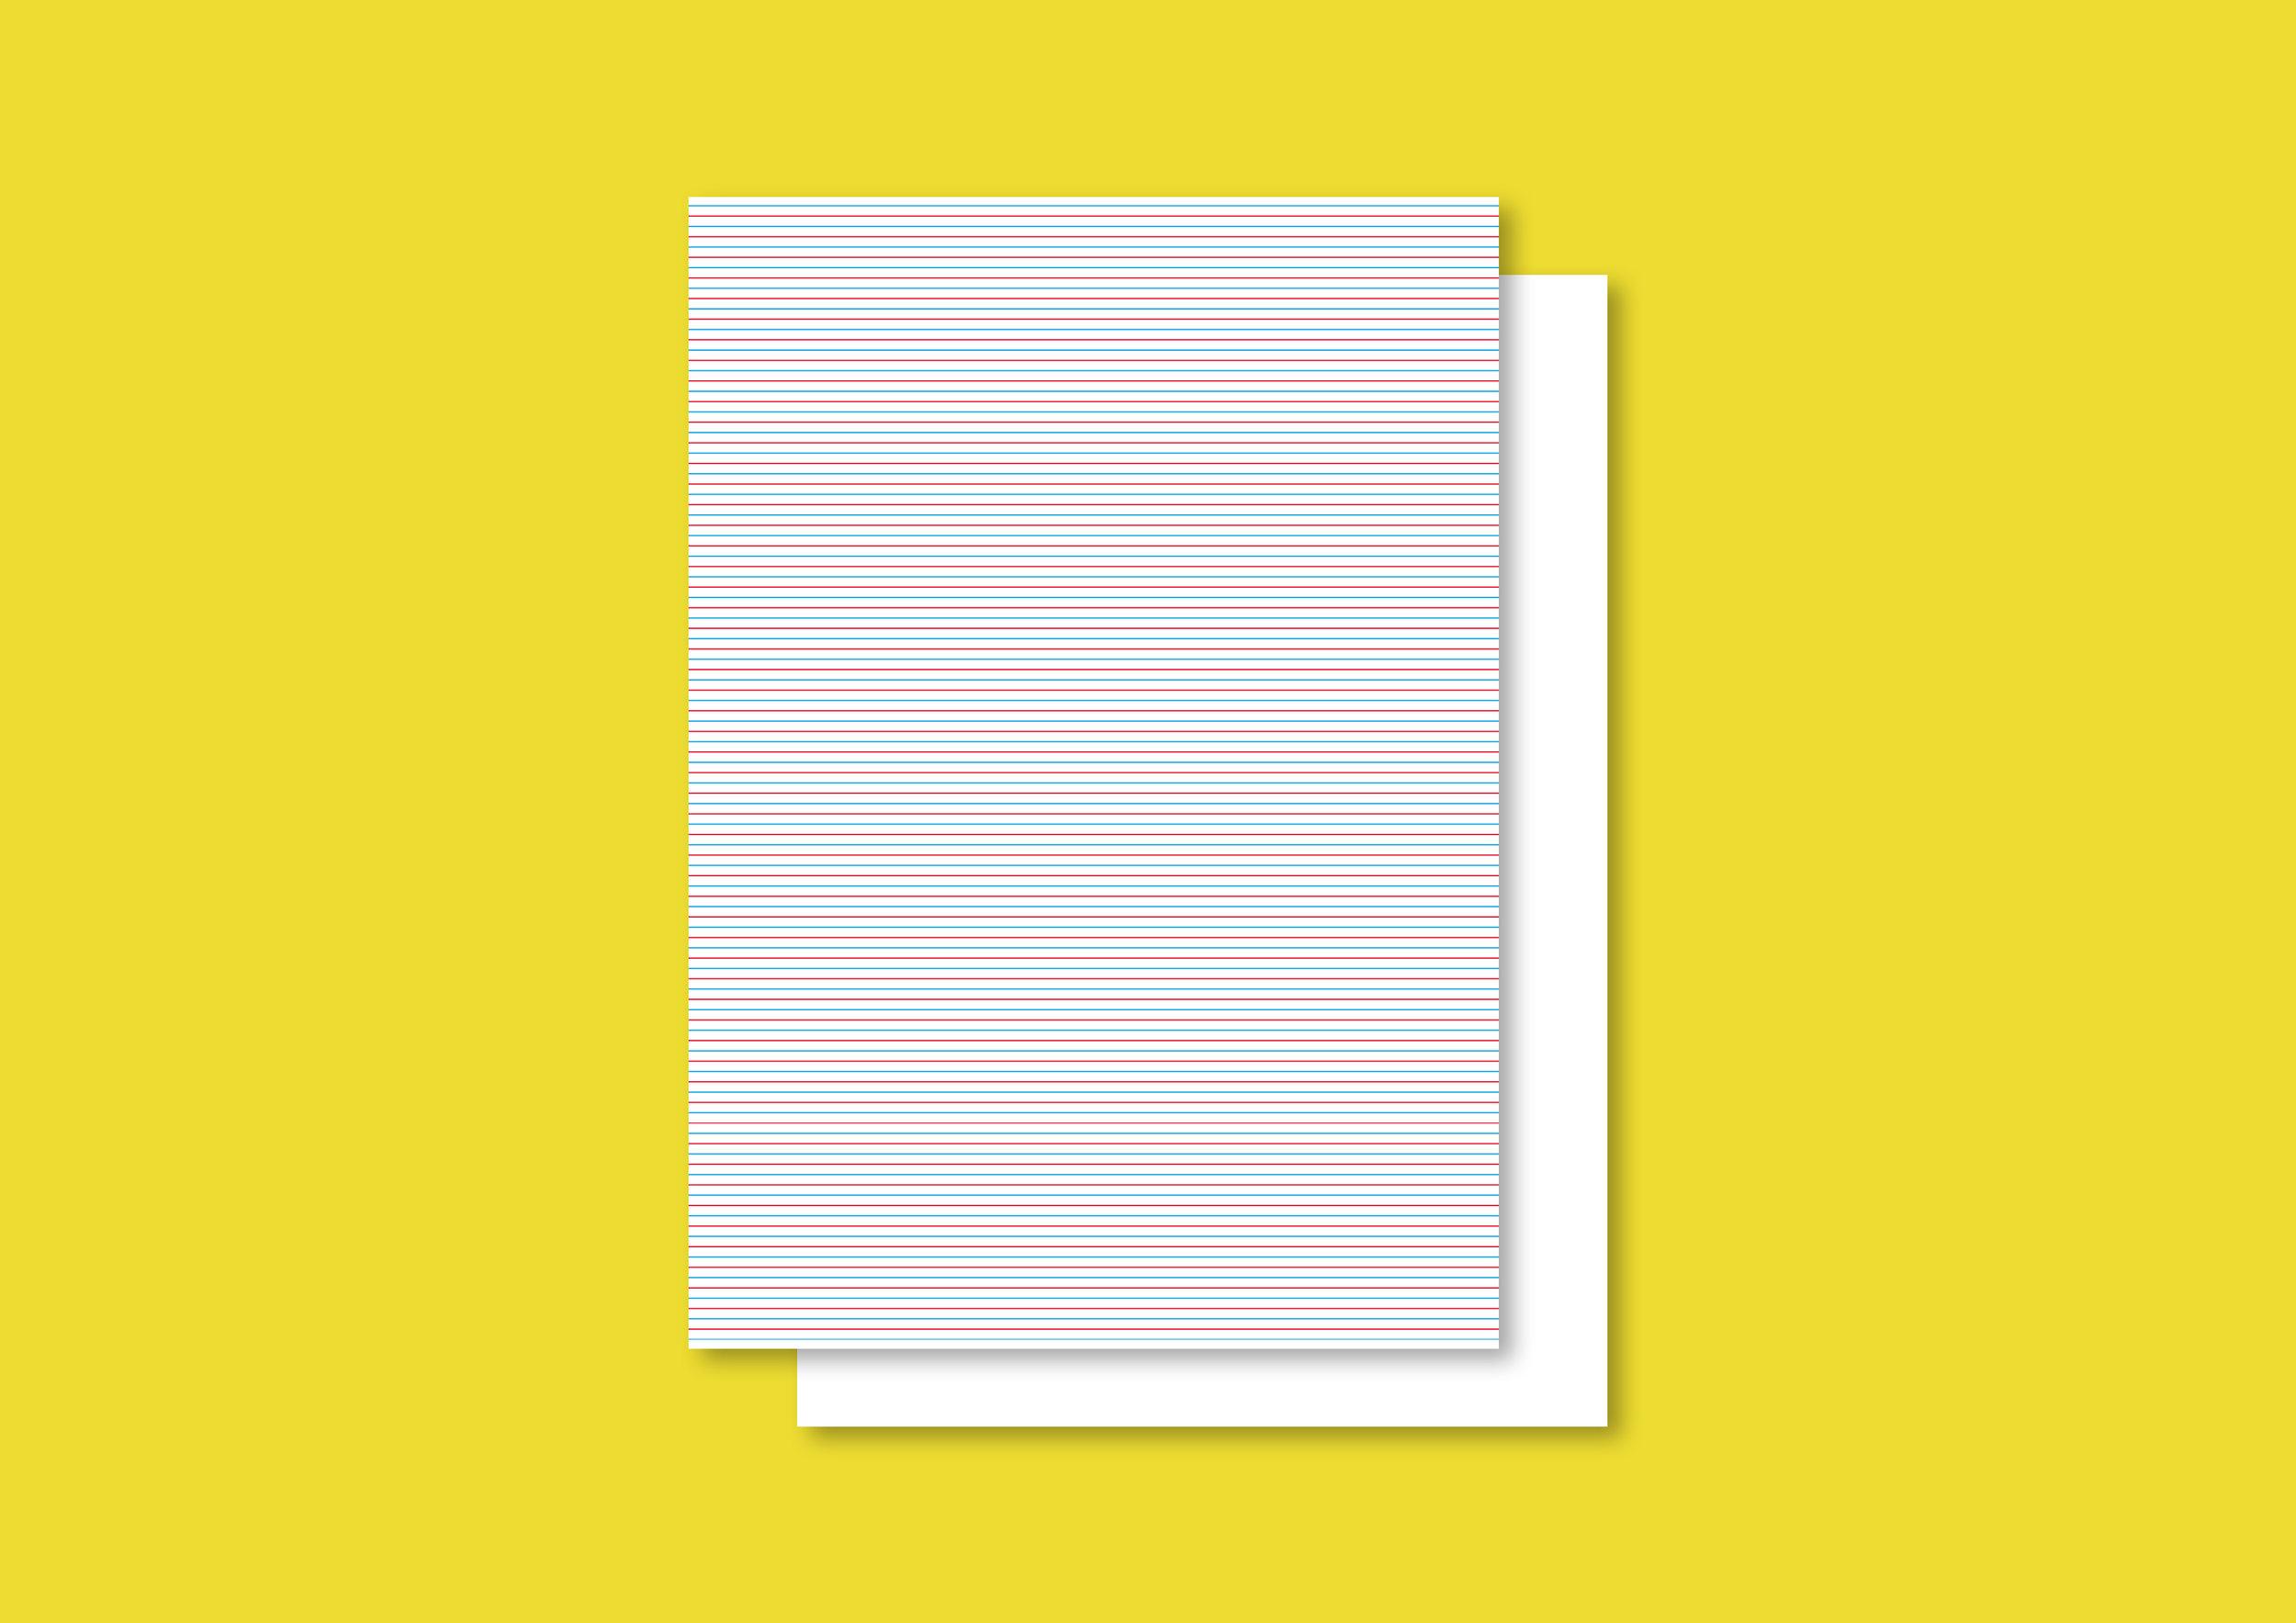 Schreibkarte_kuno.jpg